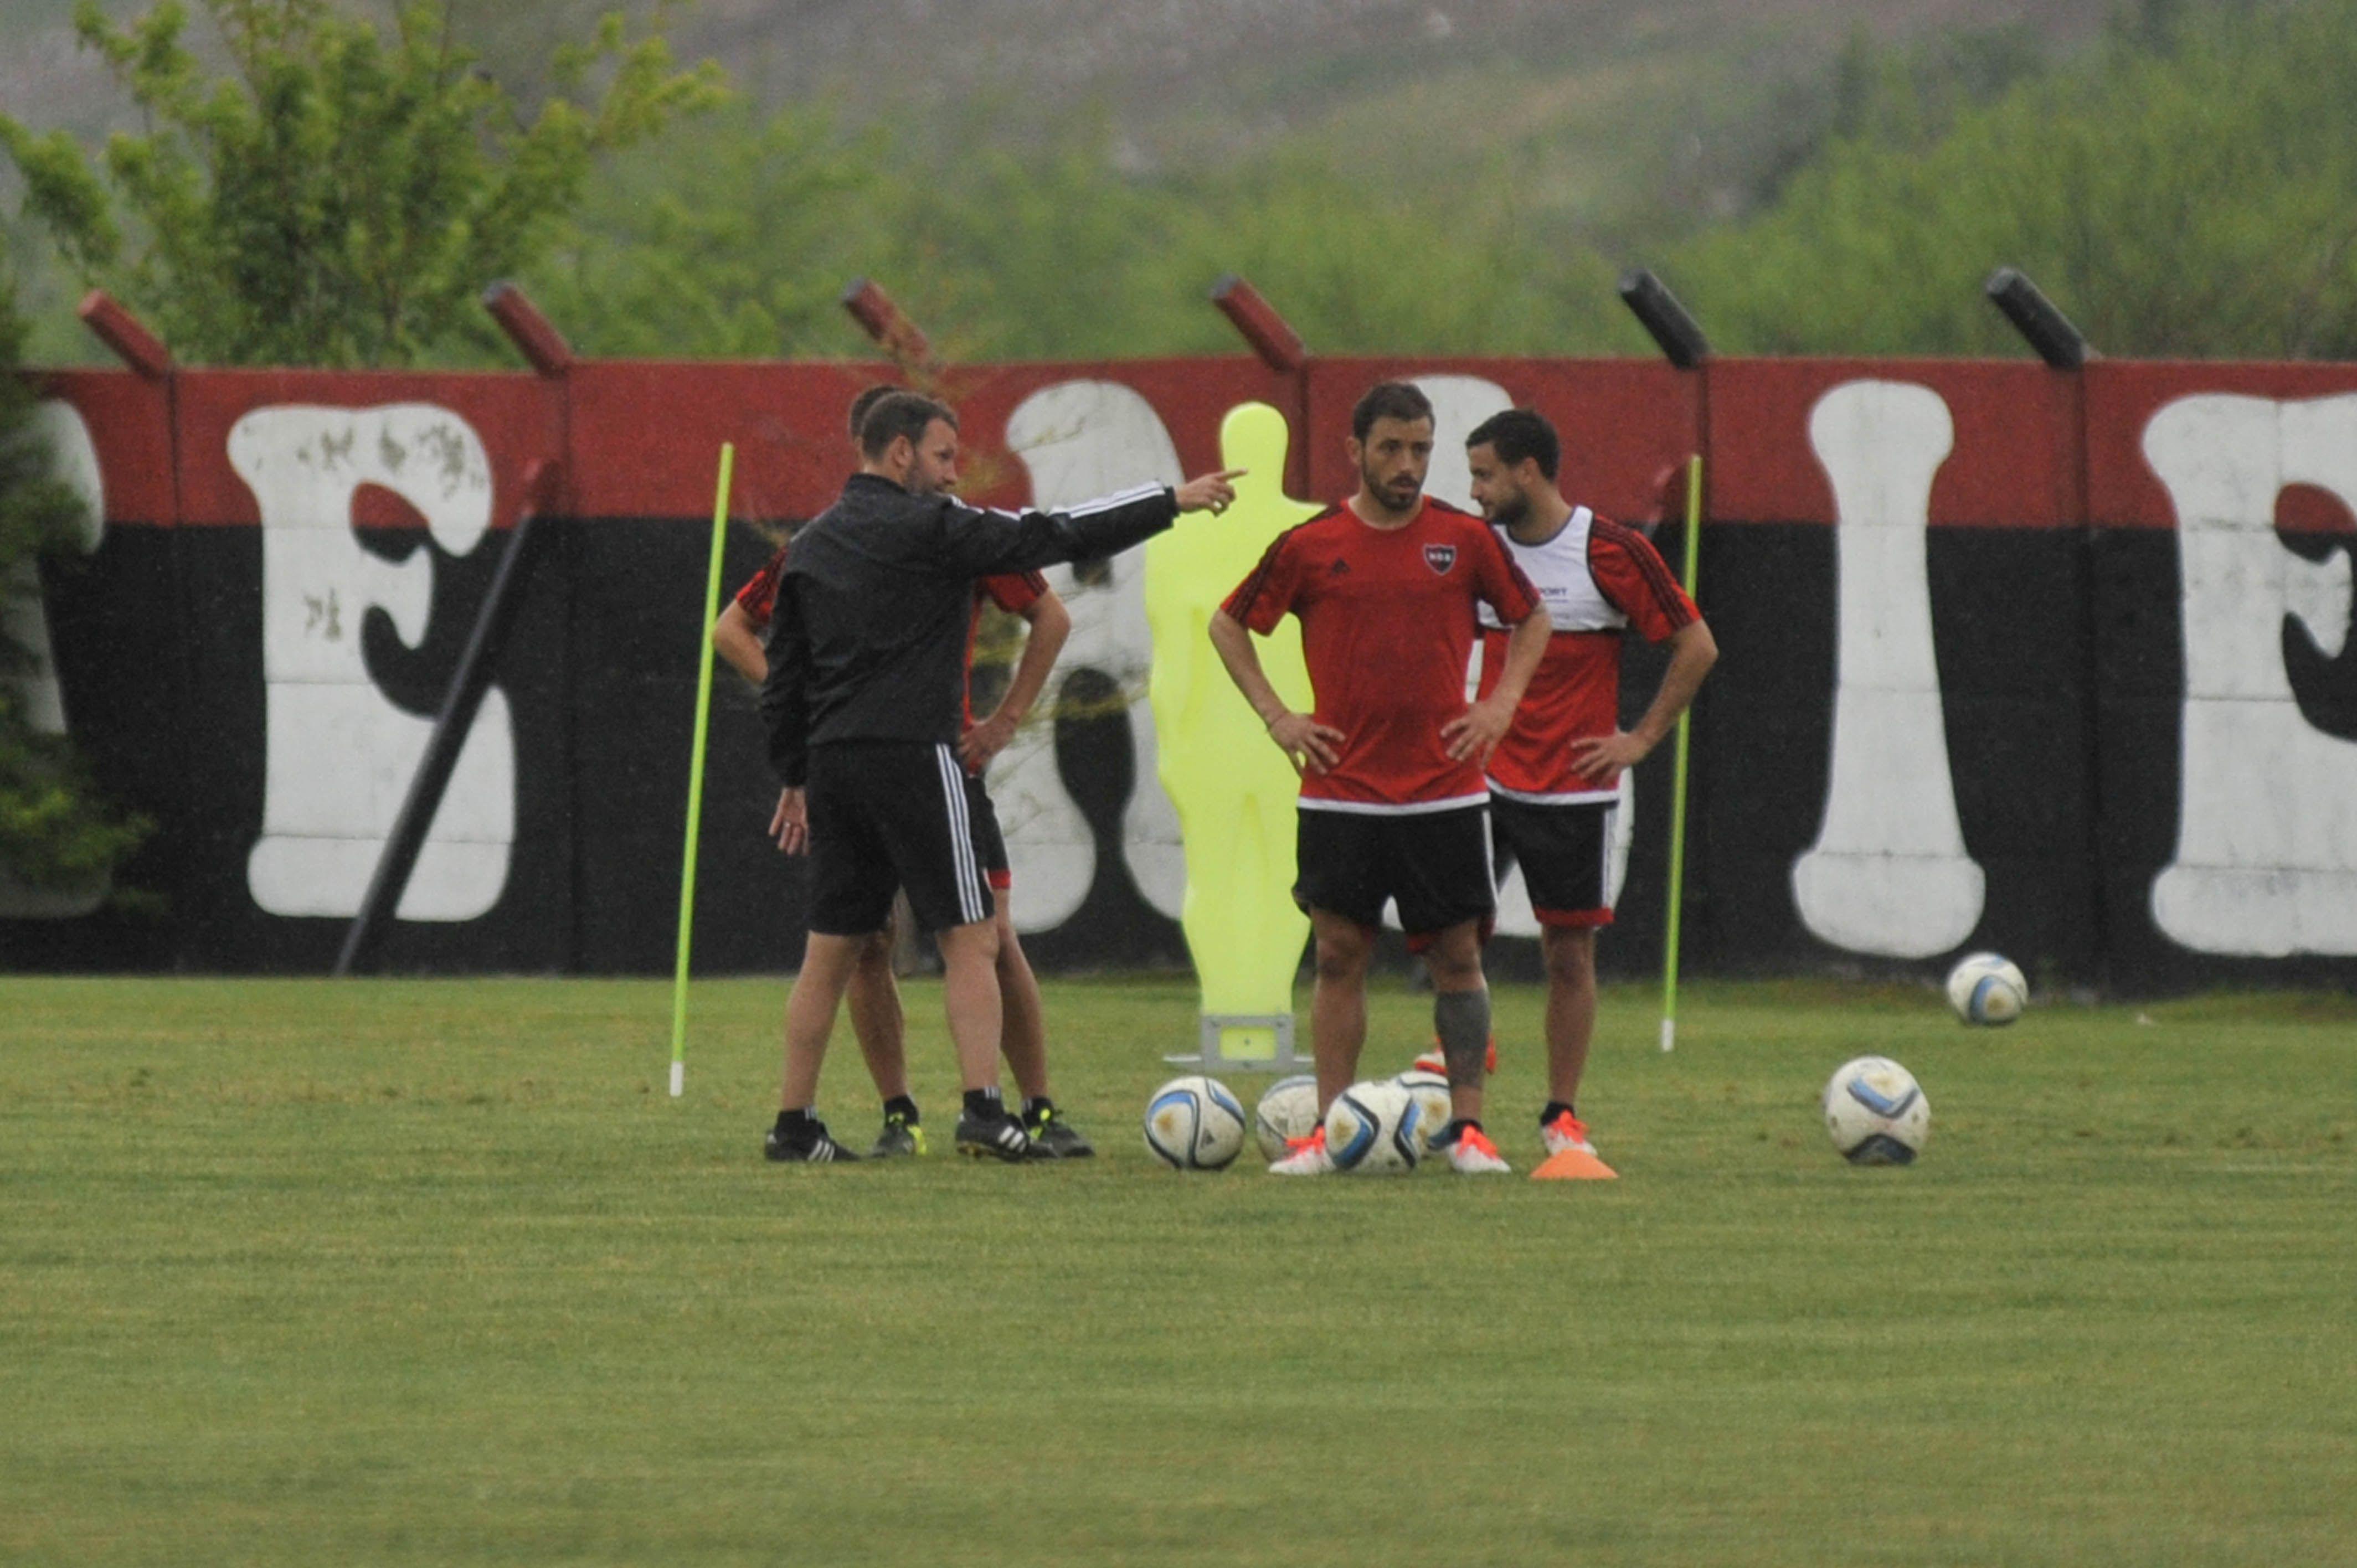 Hacia allá. El DT Lucas Bernardi les da indicaciones a algunos futbolistas durante la práctica de ayer en Bella Vista. (Virginia Benedetto / La Capital)